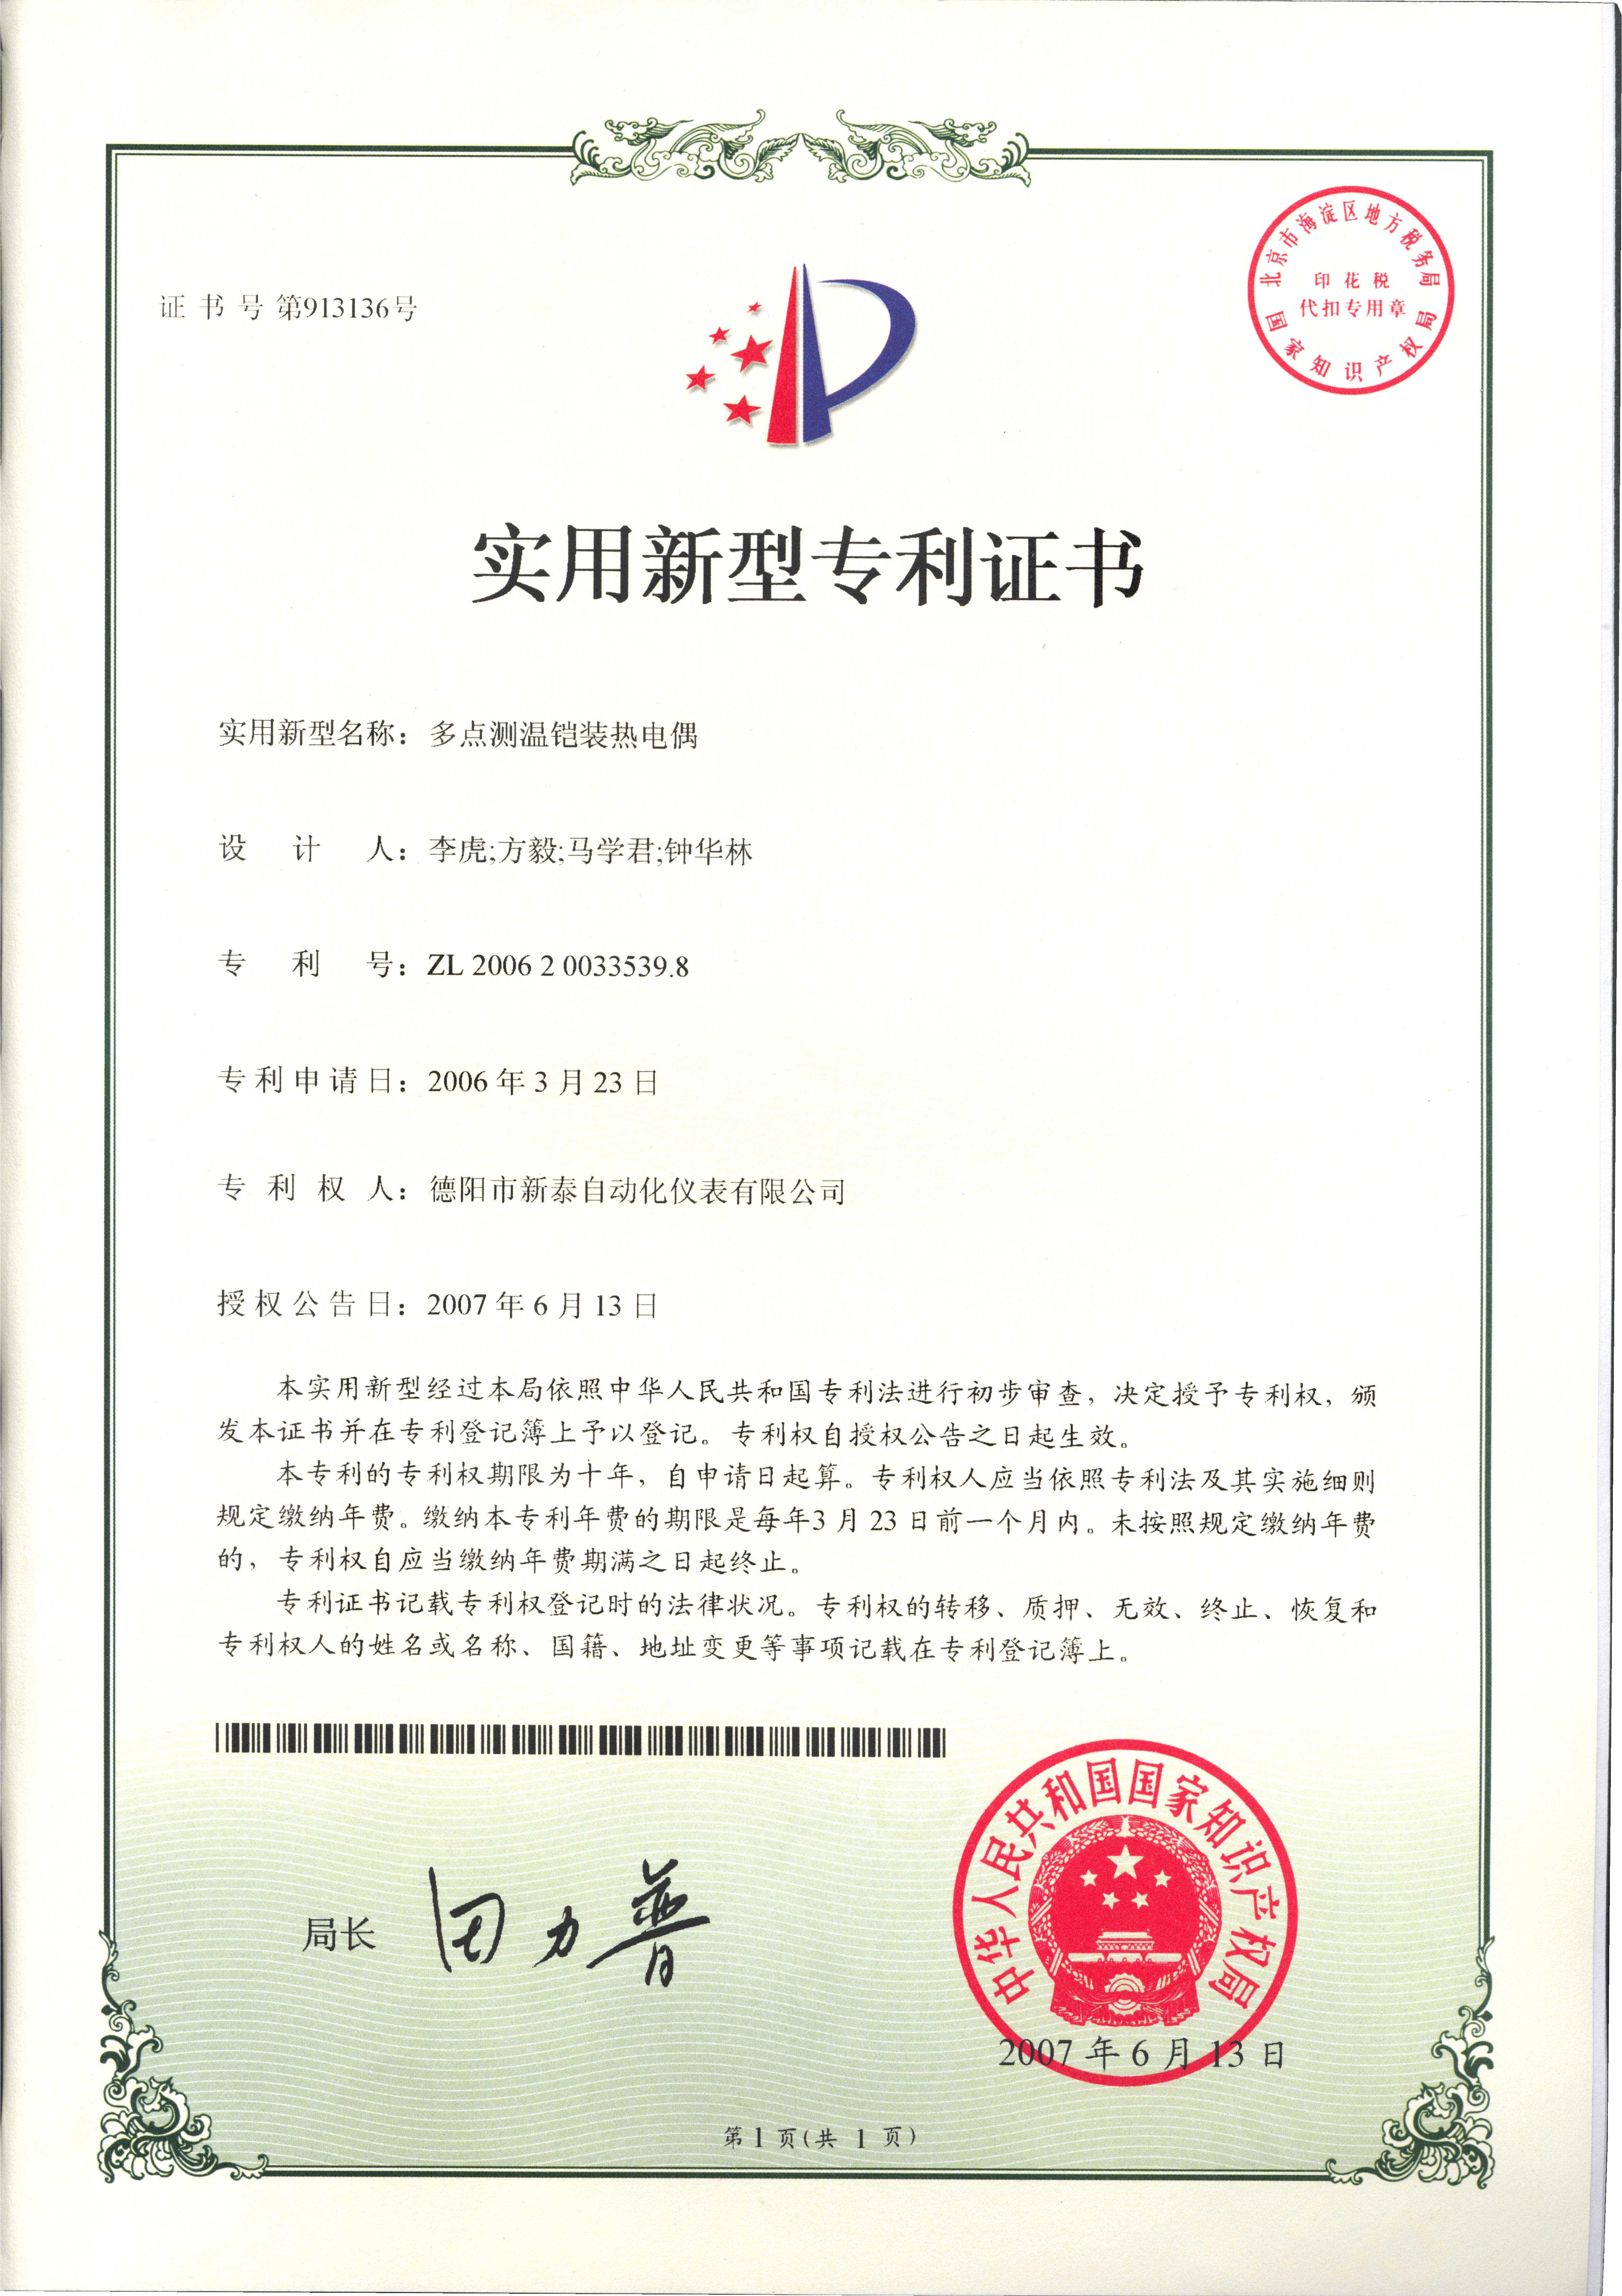 日本avapp下载专利证书--实用新型-多点热电偶